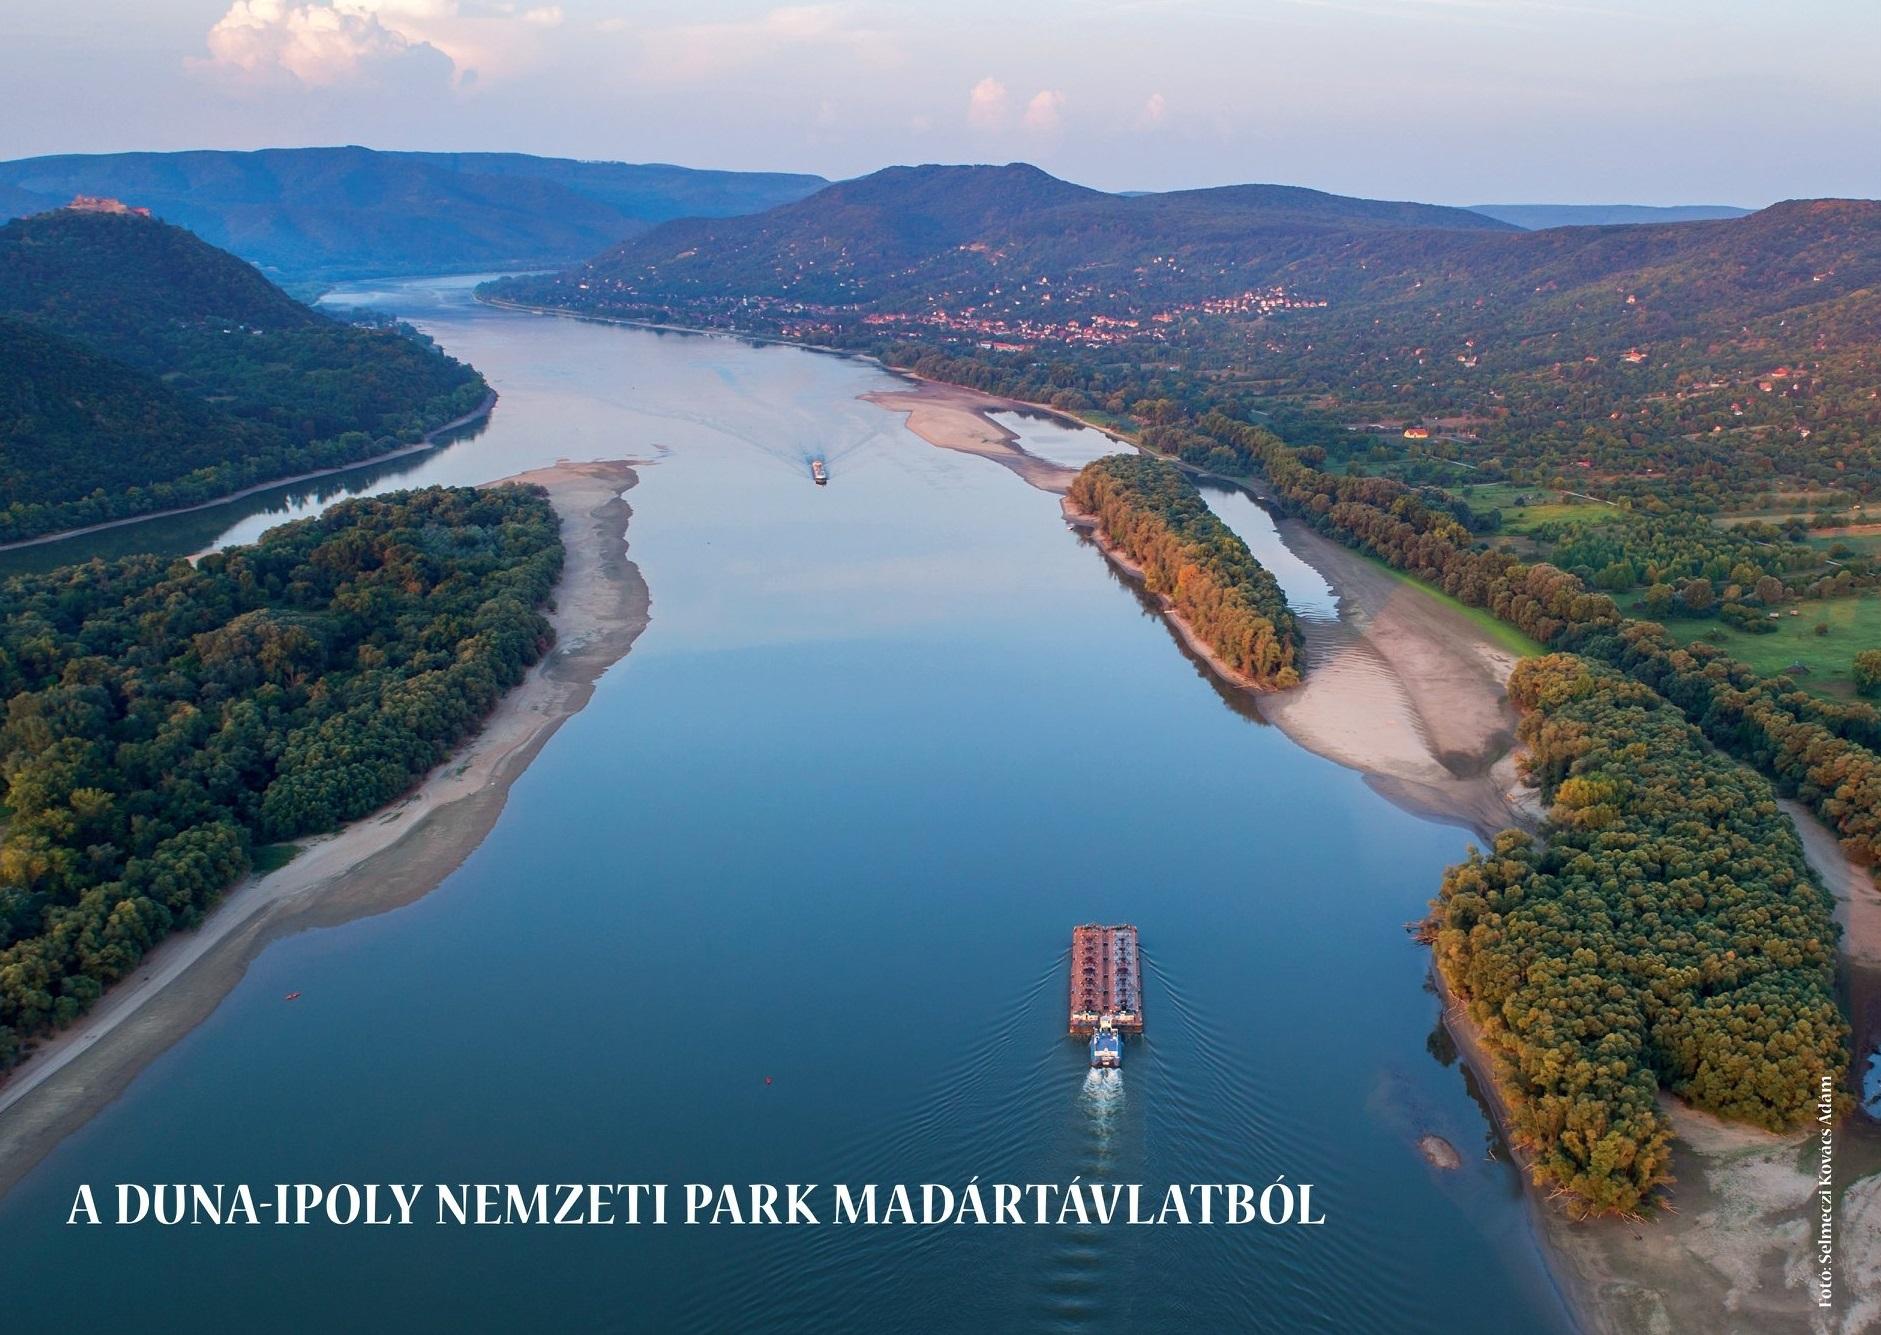 A Duna-Ipoly Nemzeti Park madártávlatból - Selmeczi Kovács Ádám fantasztikus légi fotóival.